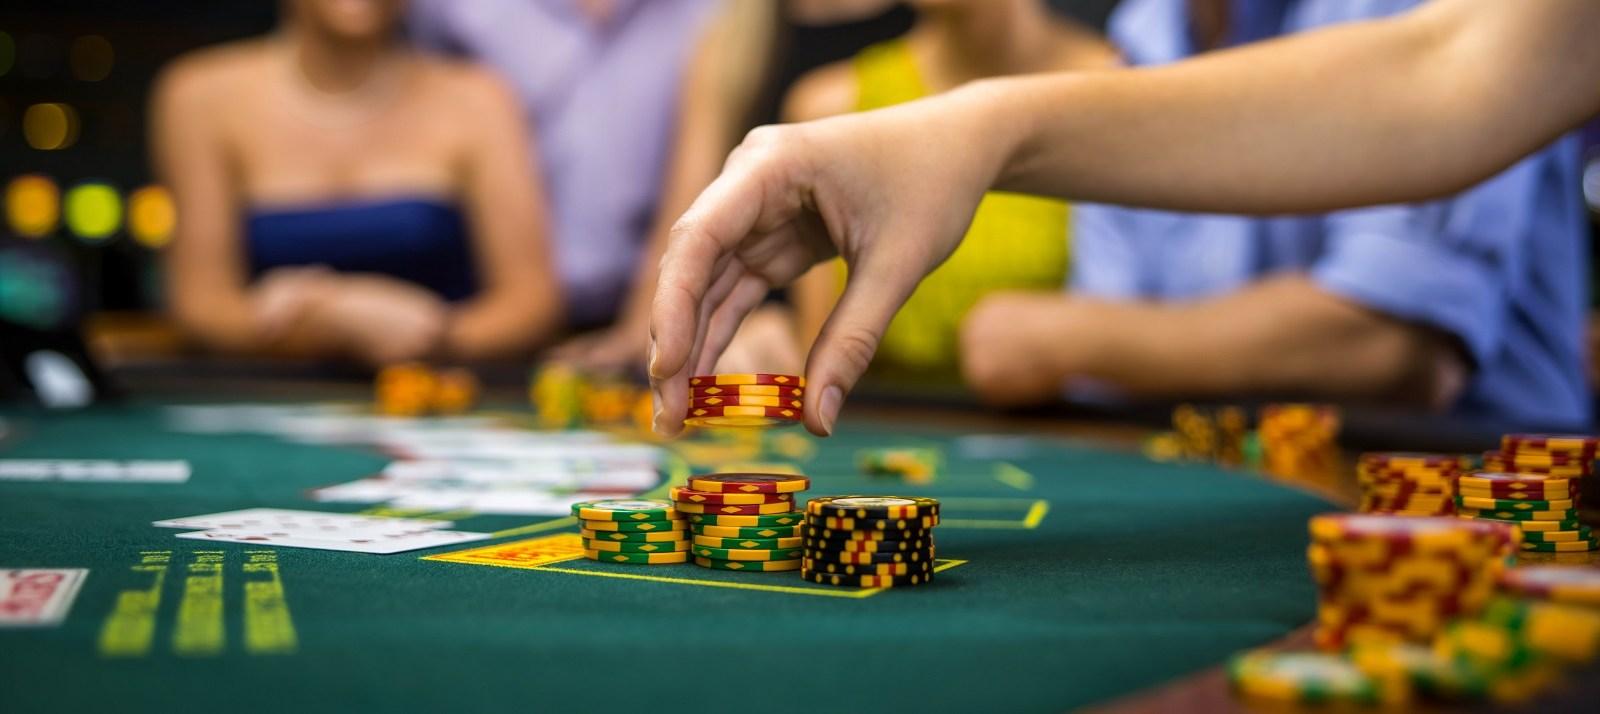 Jouer sur internet comporte des risques pour votre compte en banque